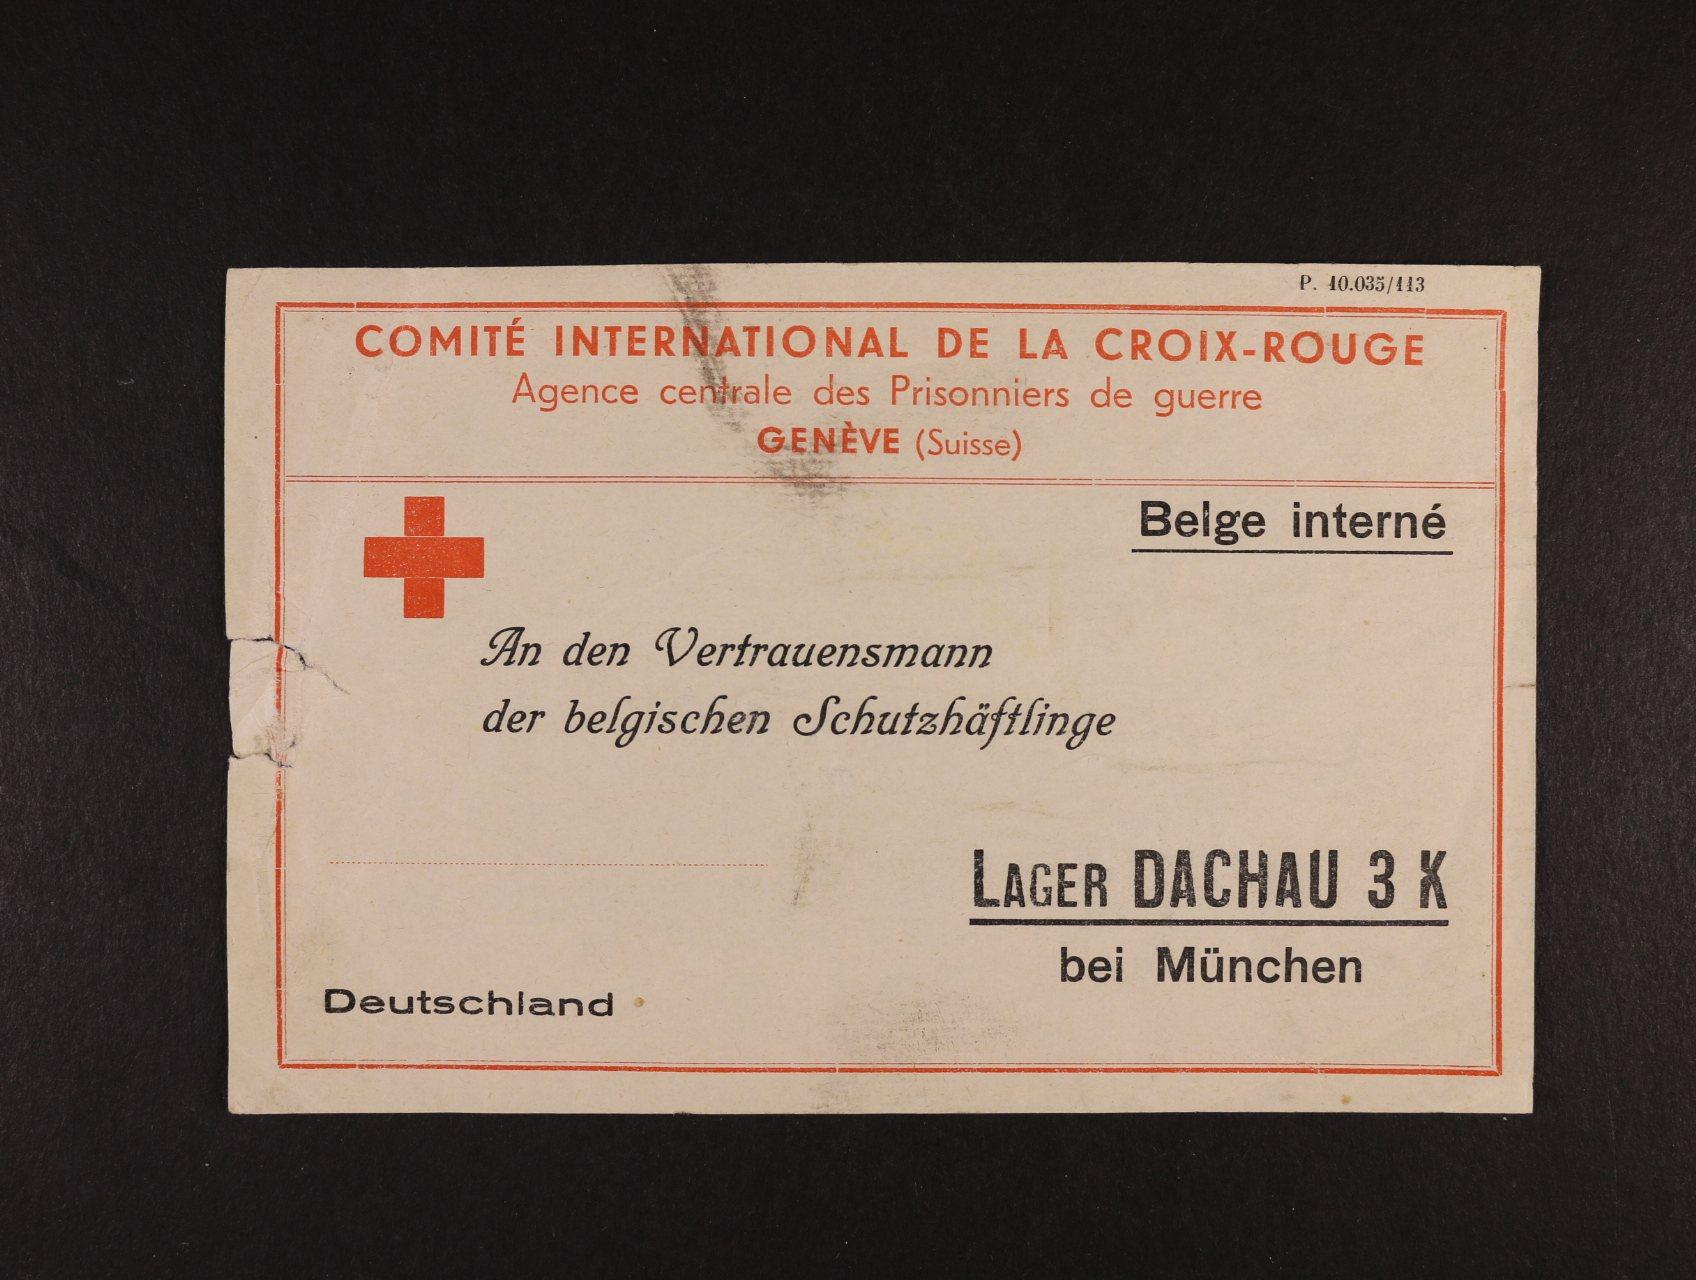 Dachau - předtištěná identifikační karta Červeného kříže pro belgické zajatce, na levém okraji natržená